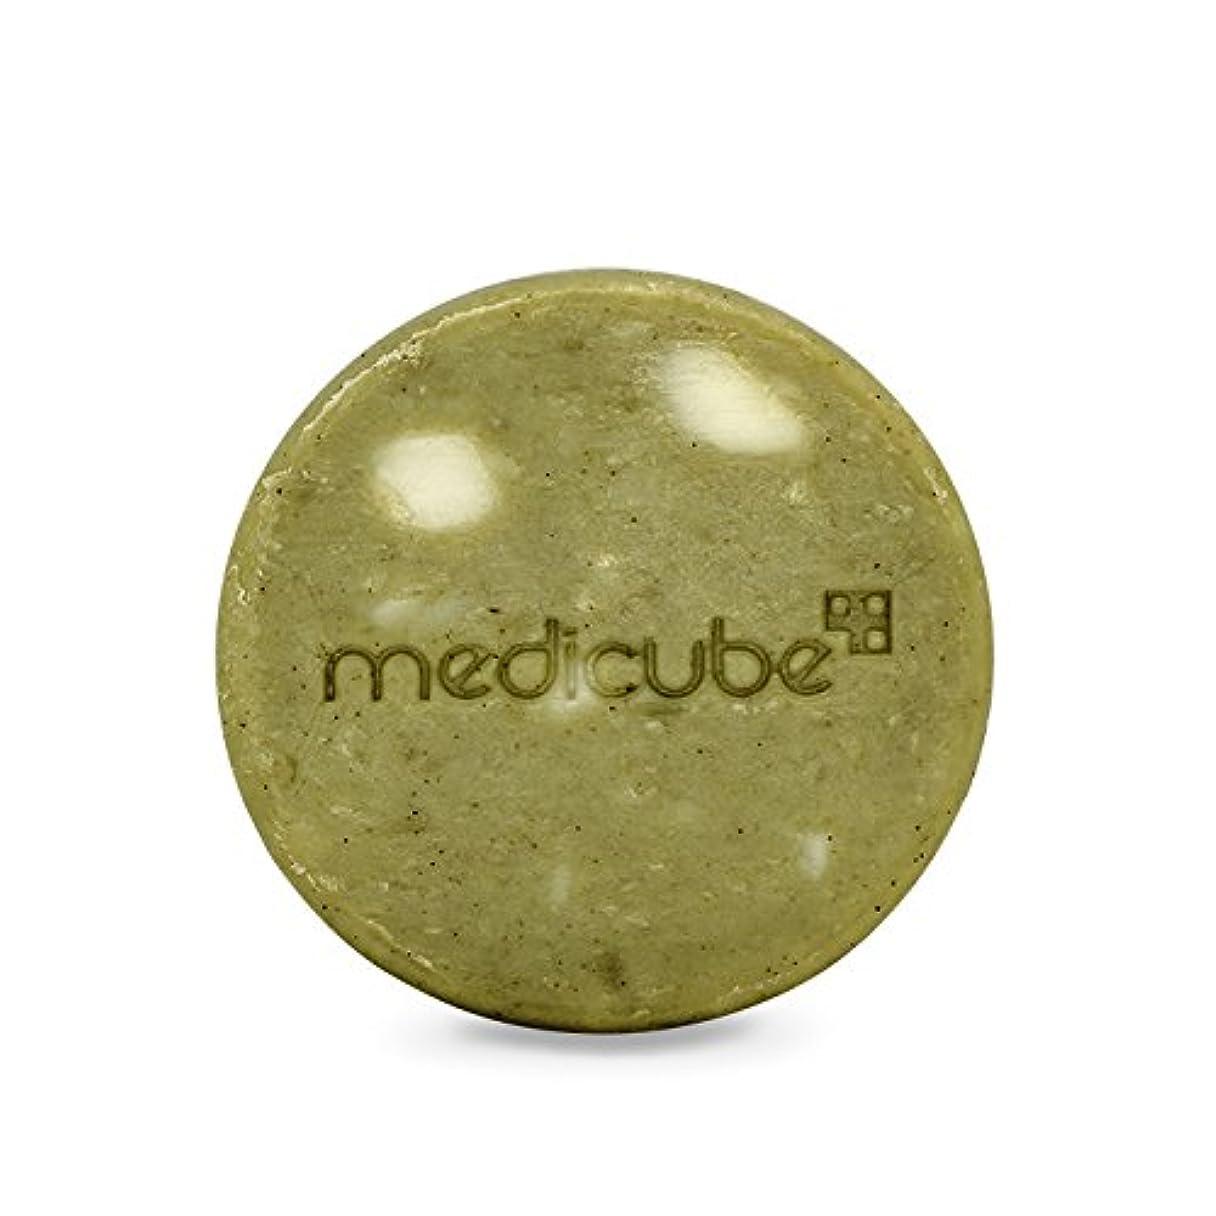 ホイップカナダ市民[Medicube]Red Body Bar / メディキューブレッドボディバー / 正品?海外直送商品 [並行輸入品]